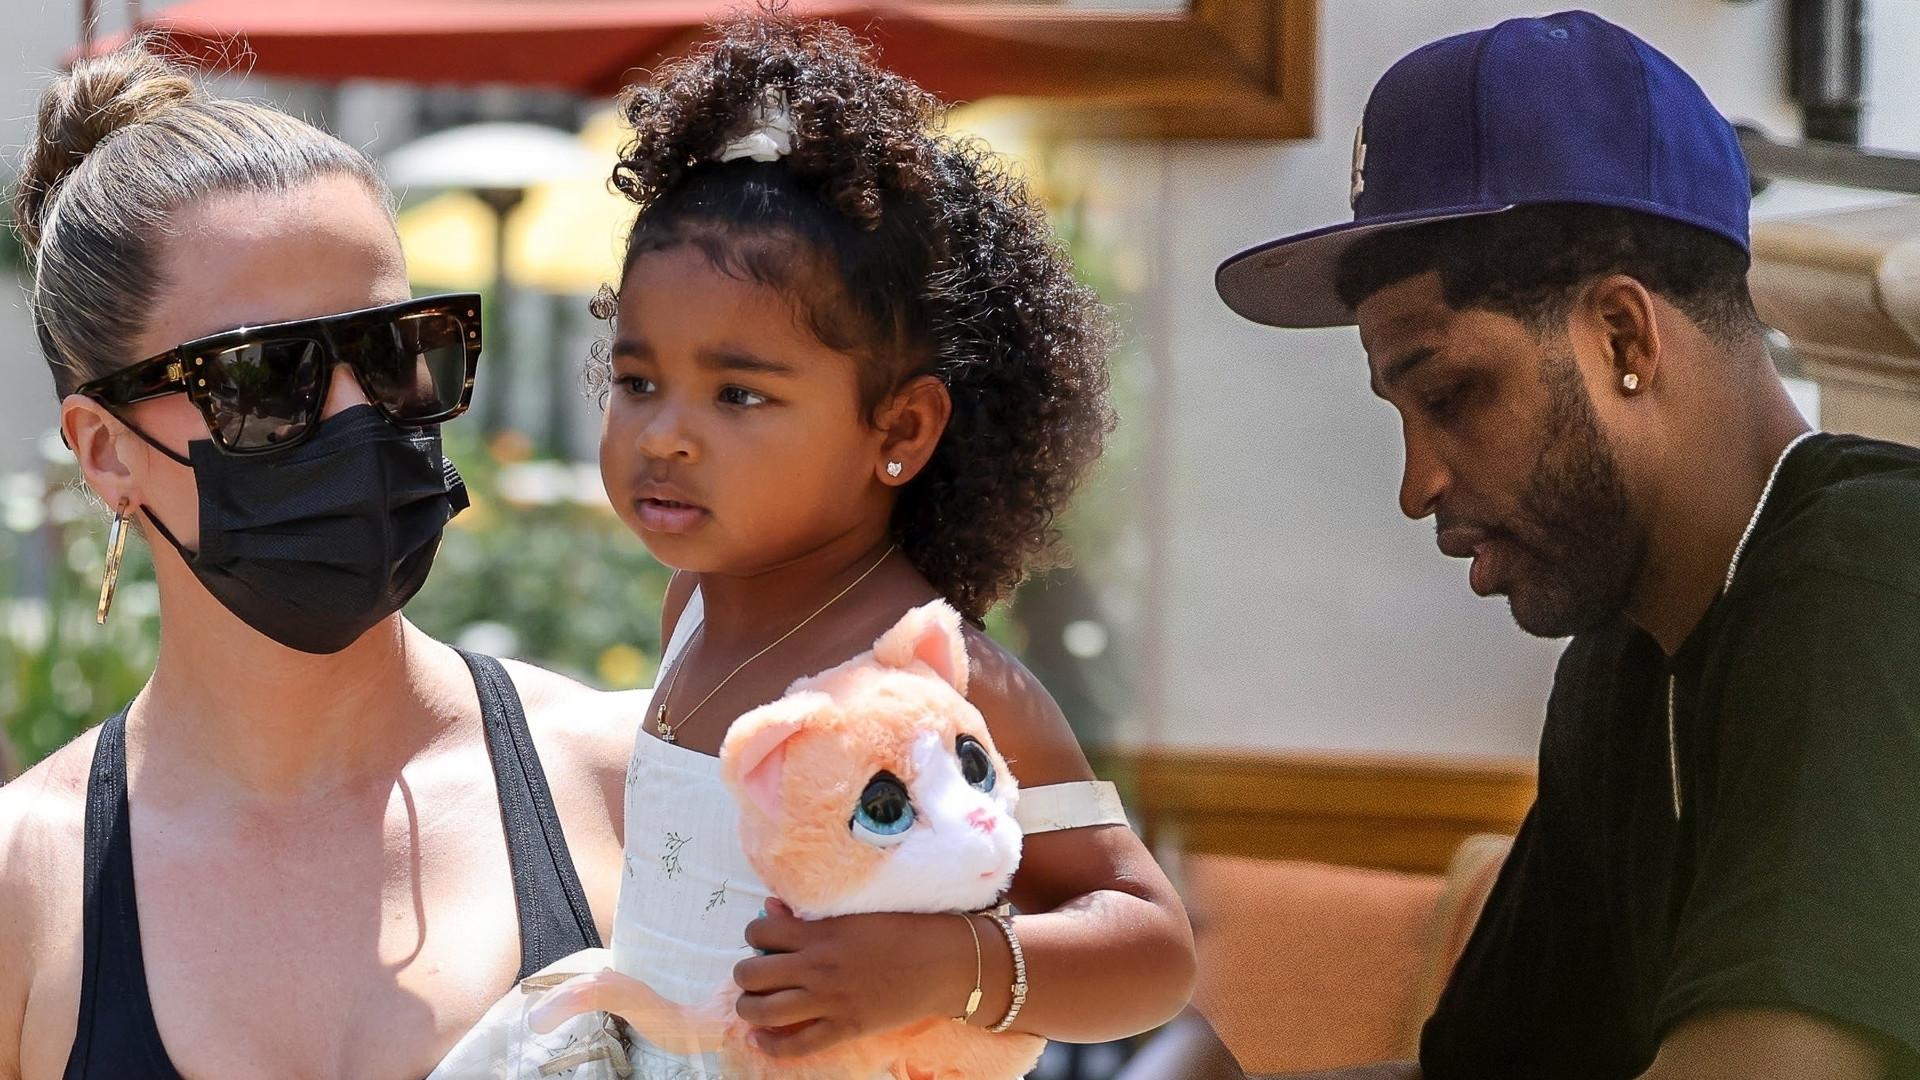 Khloe Kardashian z córką i Tristanem! Uwagę zwracał jeden szczegół na jej dłoni (ZDJĘCIA)